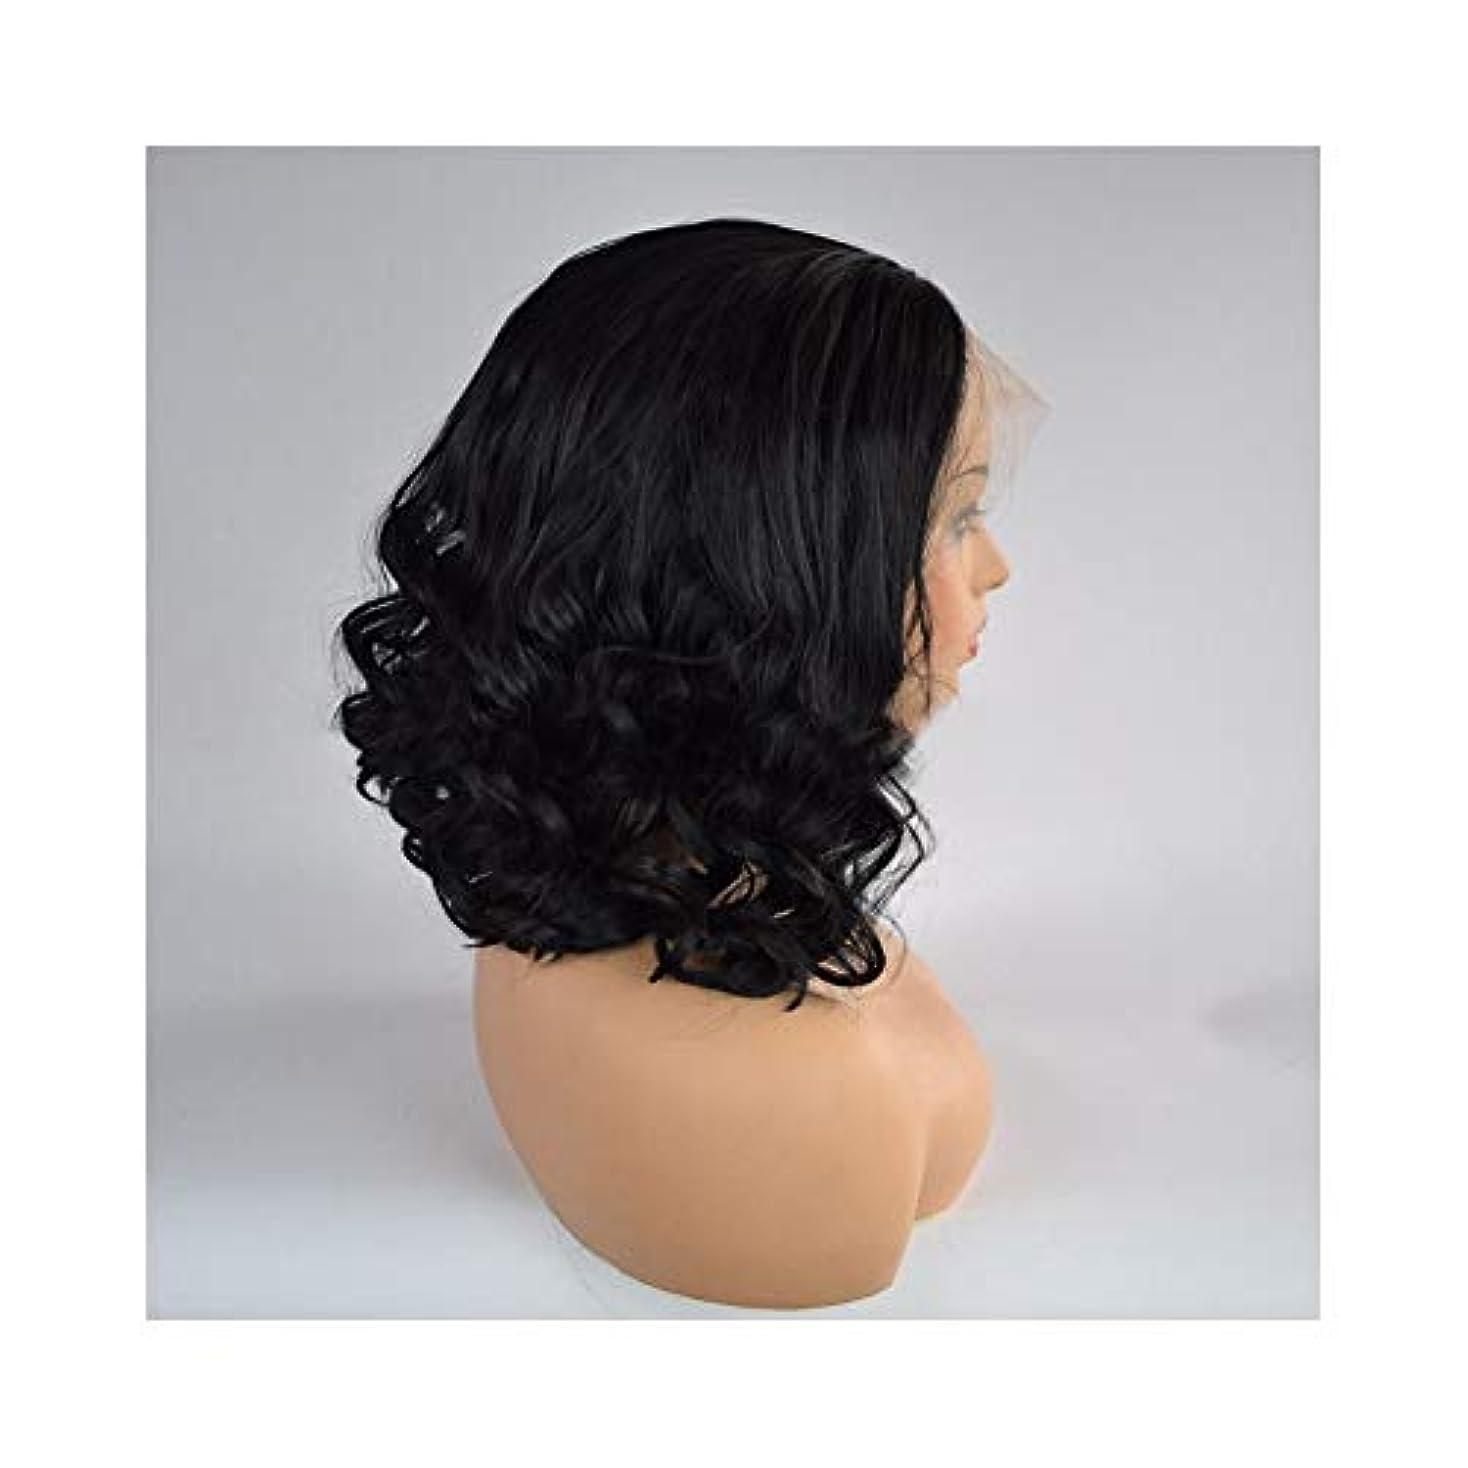 レキシコン素晴らしいホステルYOUQIU 女性のかつらのためにショートボブレースフロントウィッグウェーブ髪の耐熱性繊維中東別れ (色 : 黒)